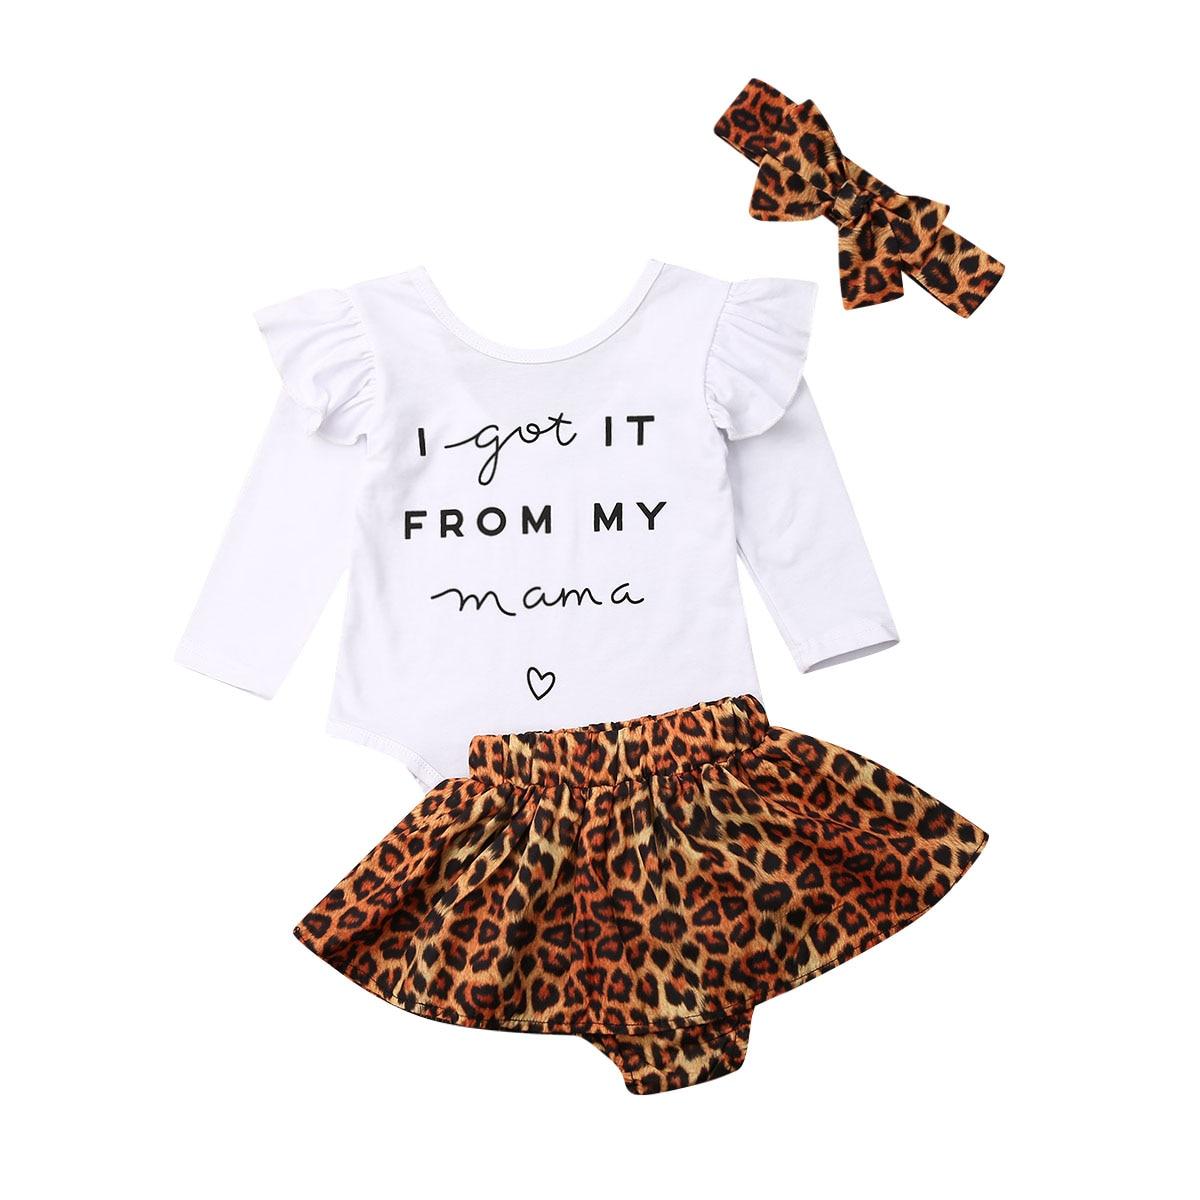 Nouveau chaud enfant en bas âge enfants vêtements ensemble bébé filles lettre hauts léopard jupe anniversaire tenues ensemble vetement enfant fille